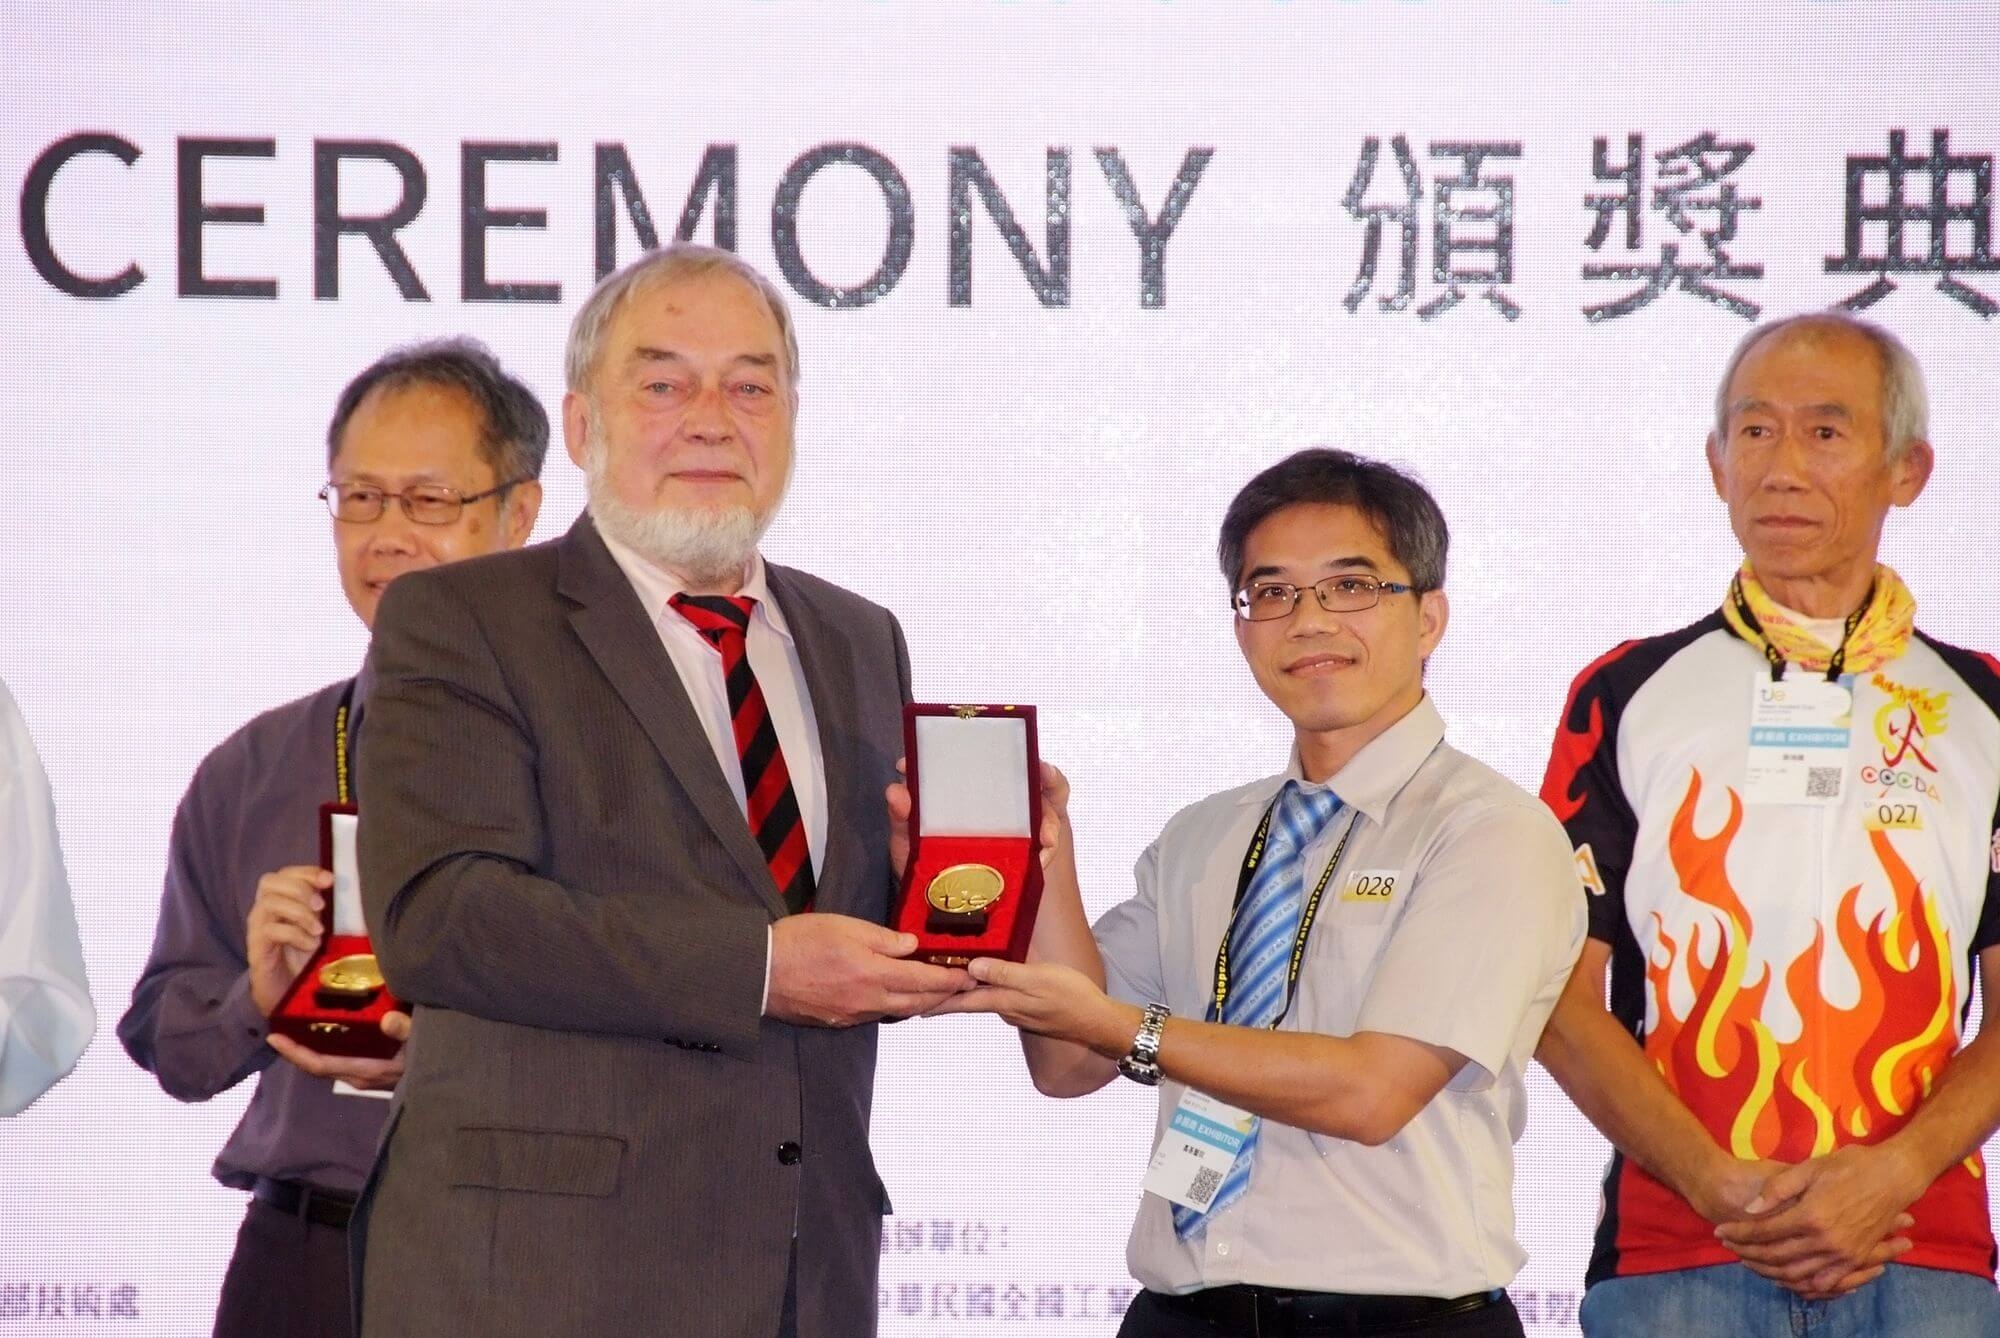 台灣創新技術博覽會榮獲金牌獎-頒獎典禮